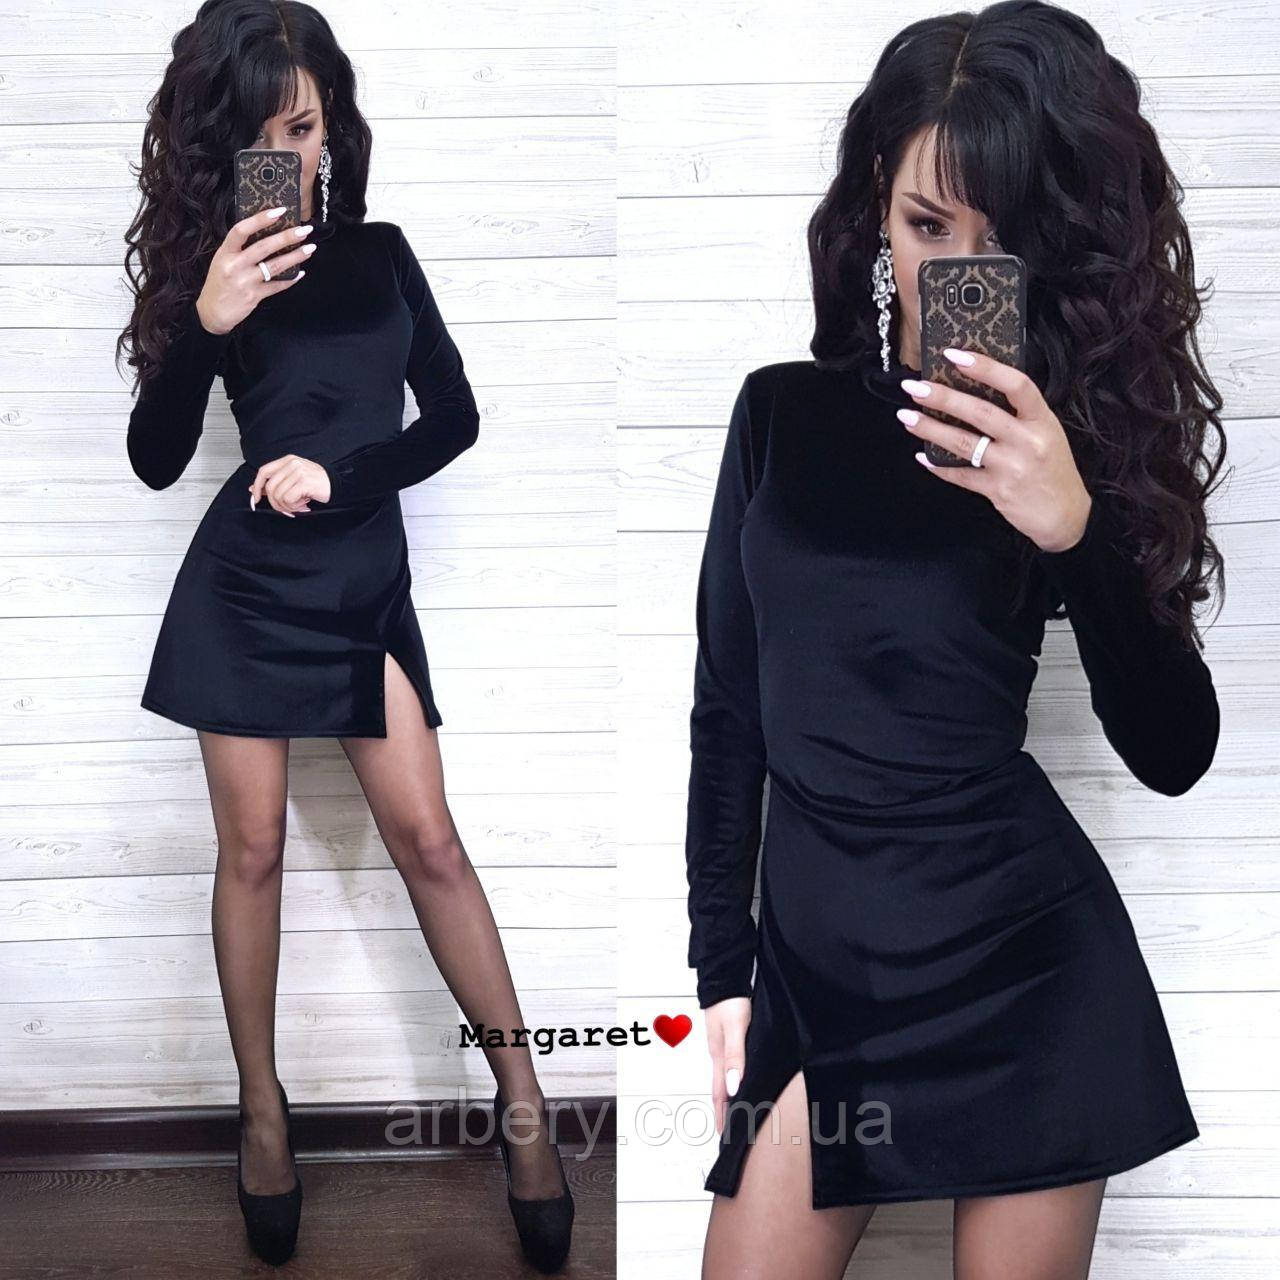 Шикарное велюровое платье с разрезом